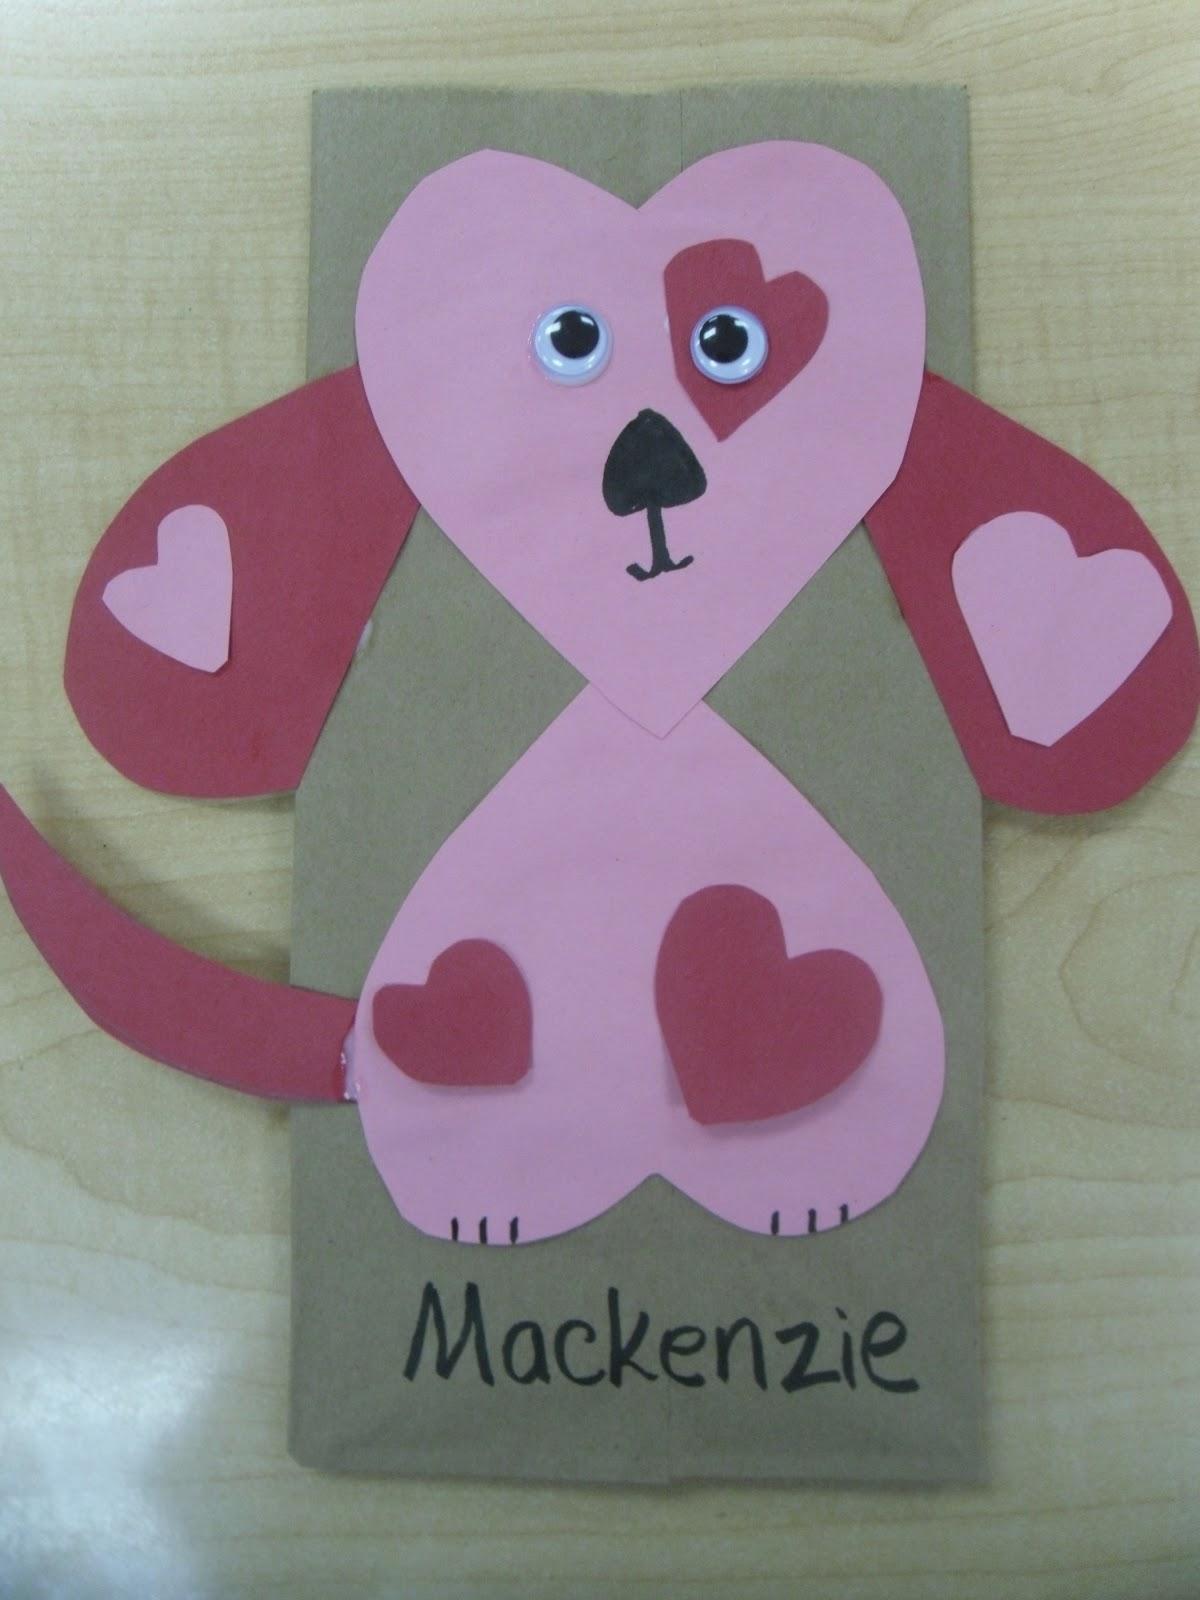 Kindergarten valentine craft ideas - Linky Party Valentine S Day Party